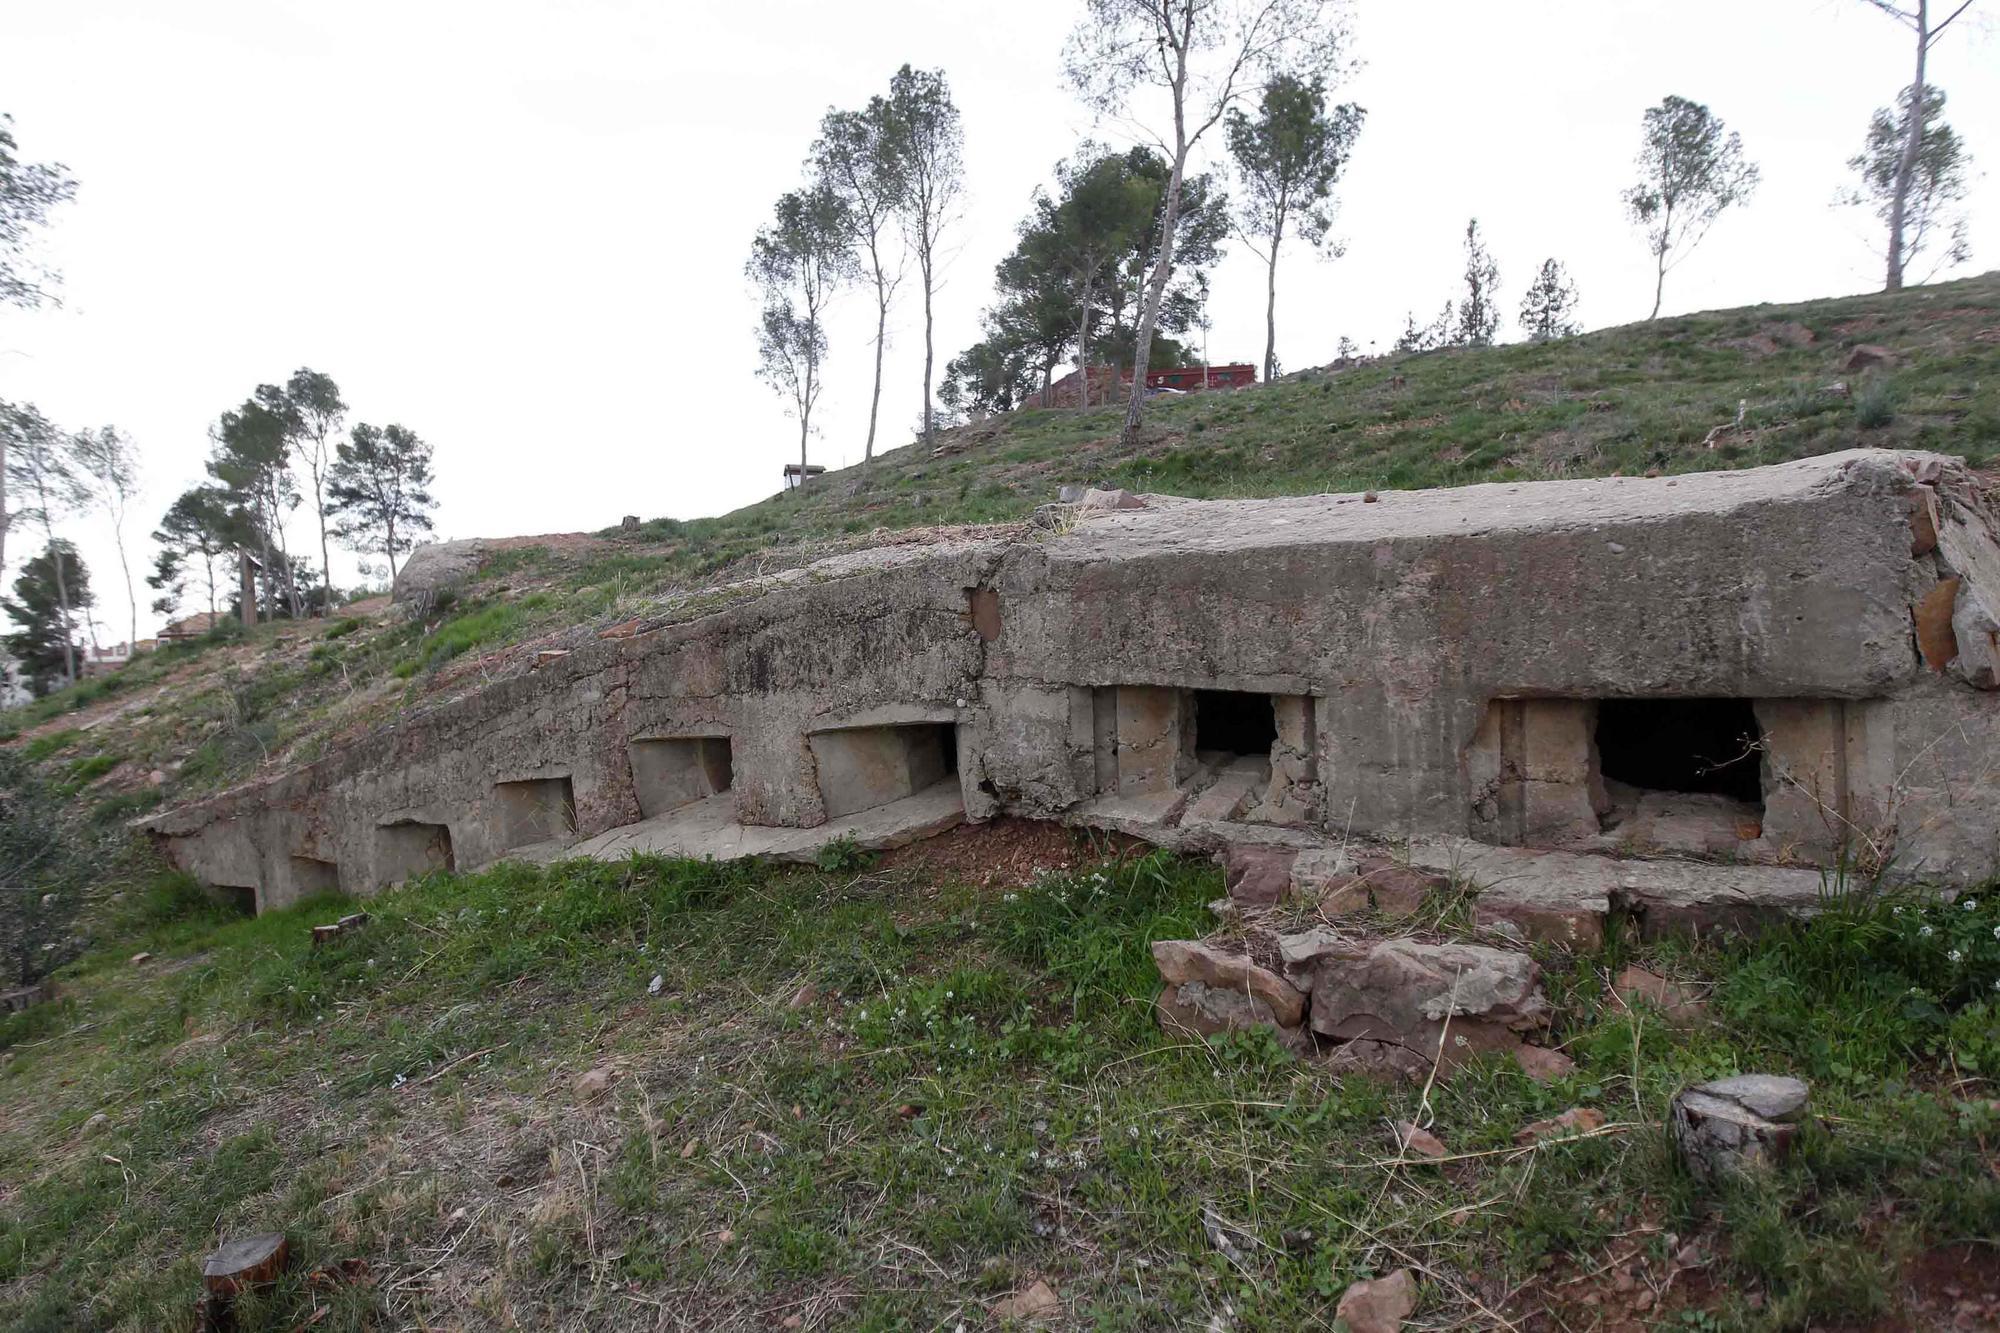 Trincheras Valencia Prov. 001.JPG